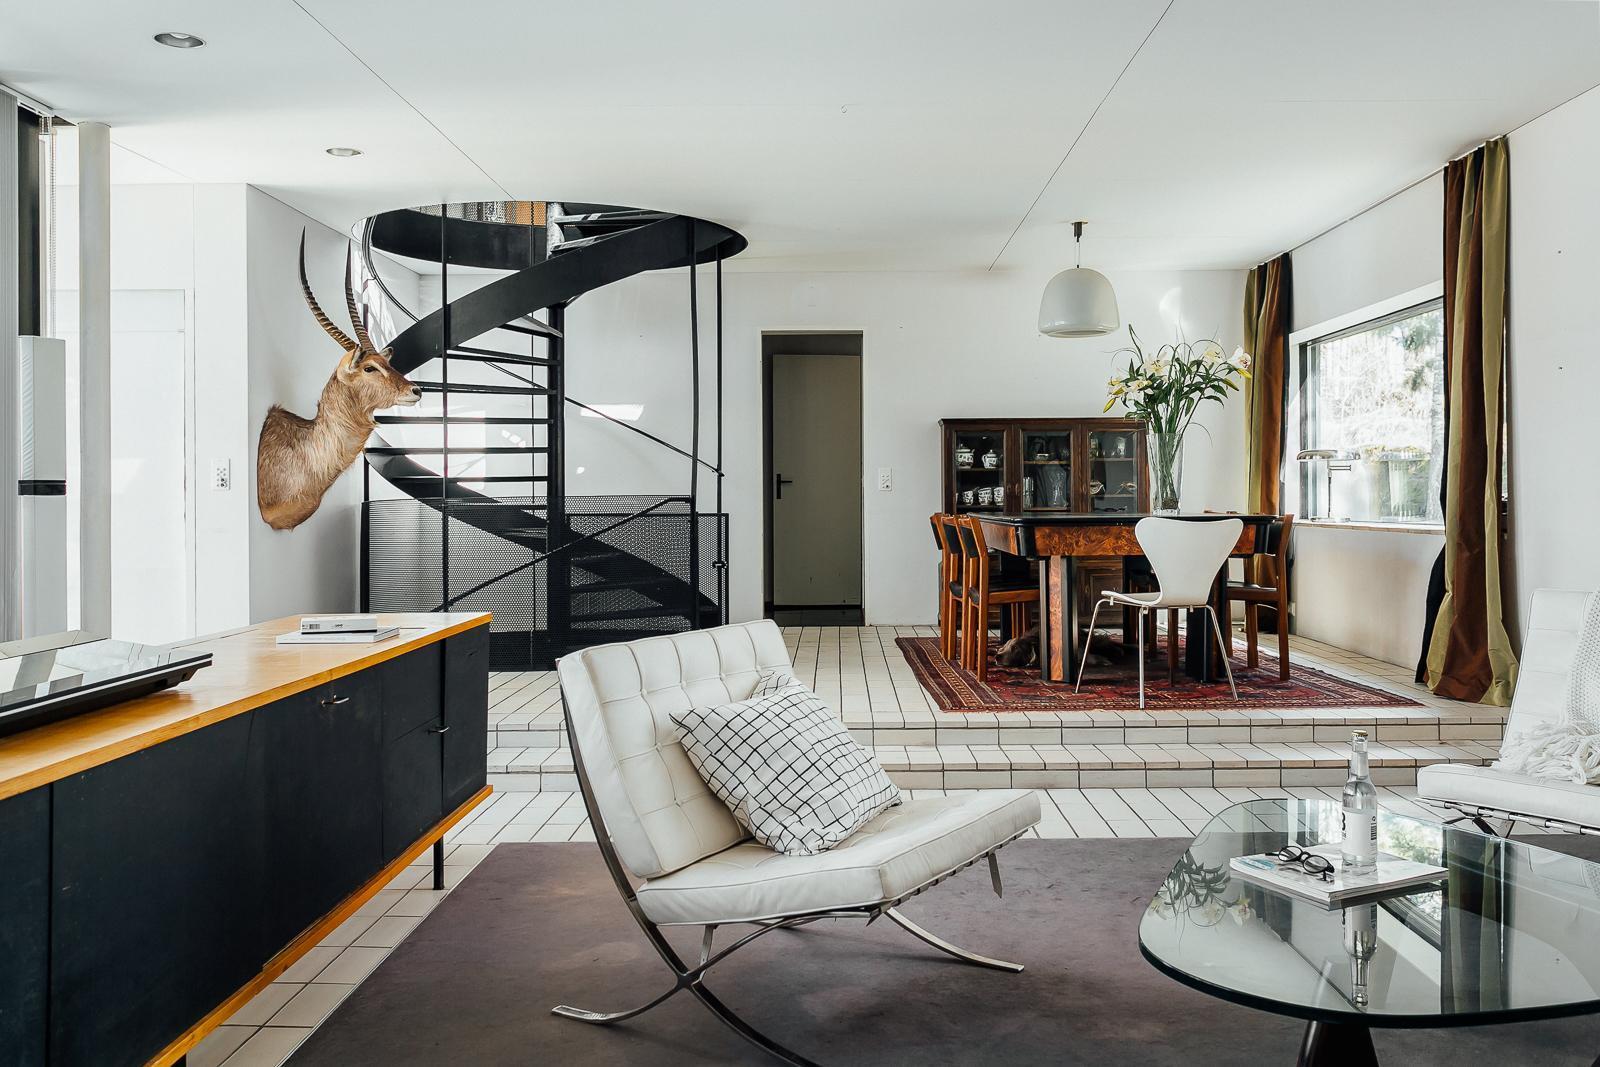 50-luvun koti sisältä